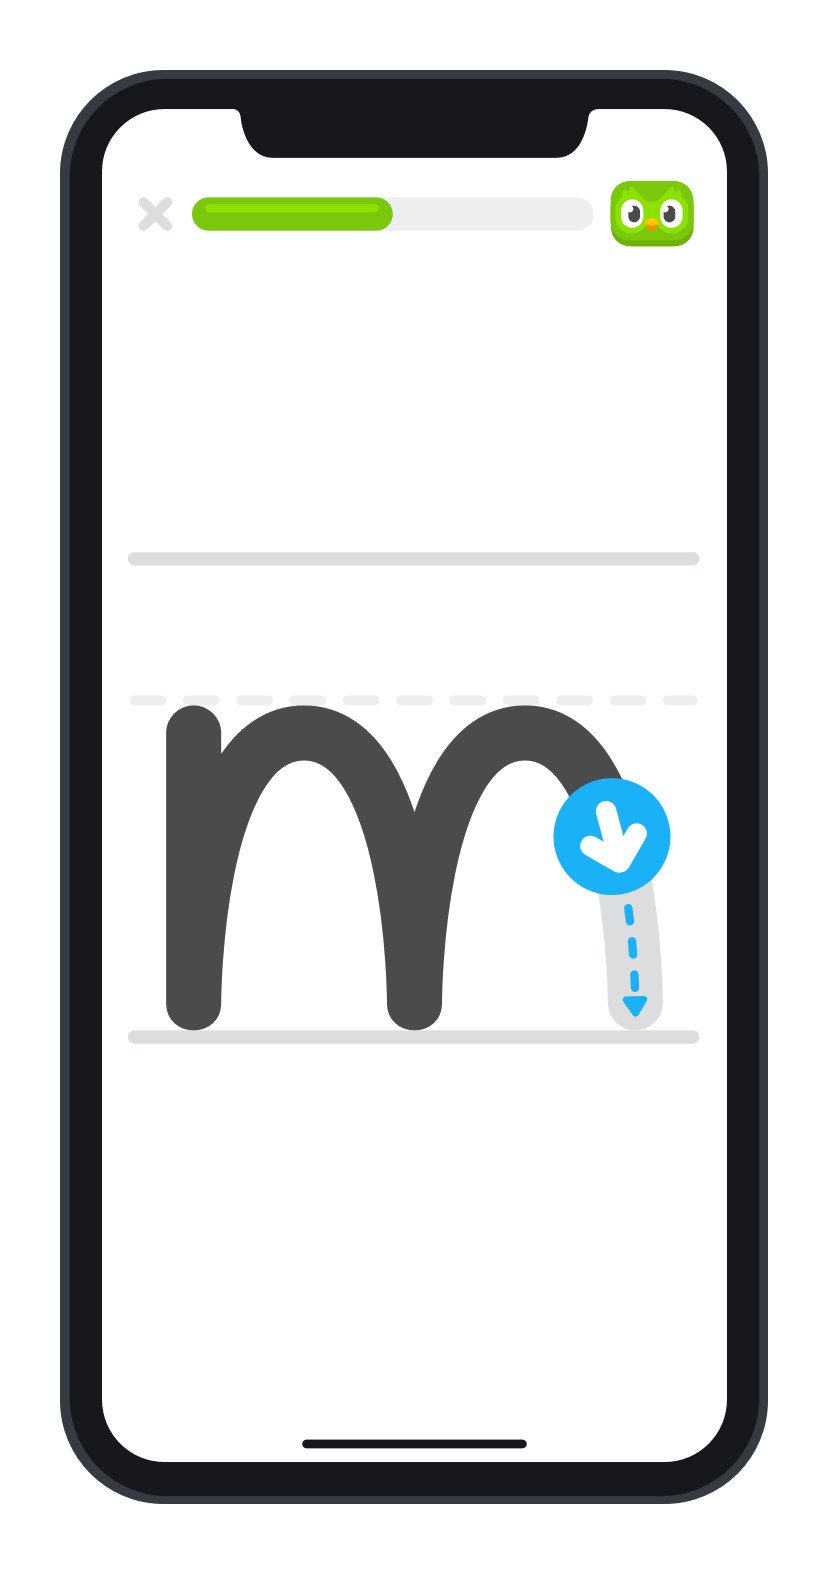 Duolingo ABC là một ứng dụng iOS miễn phí giúp trẻ học đọc 2